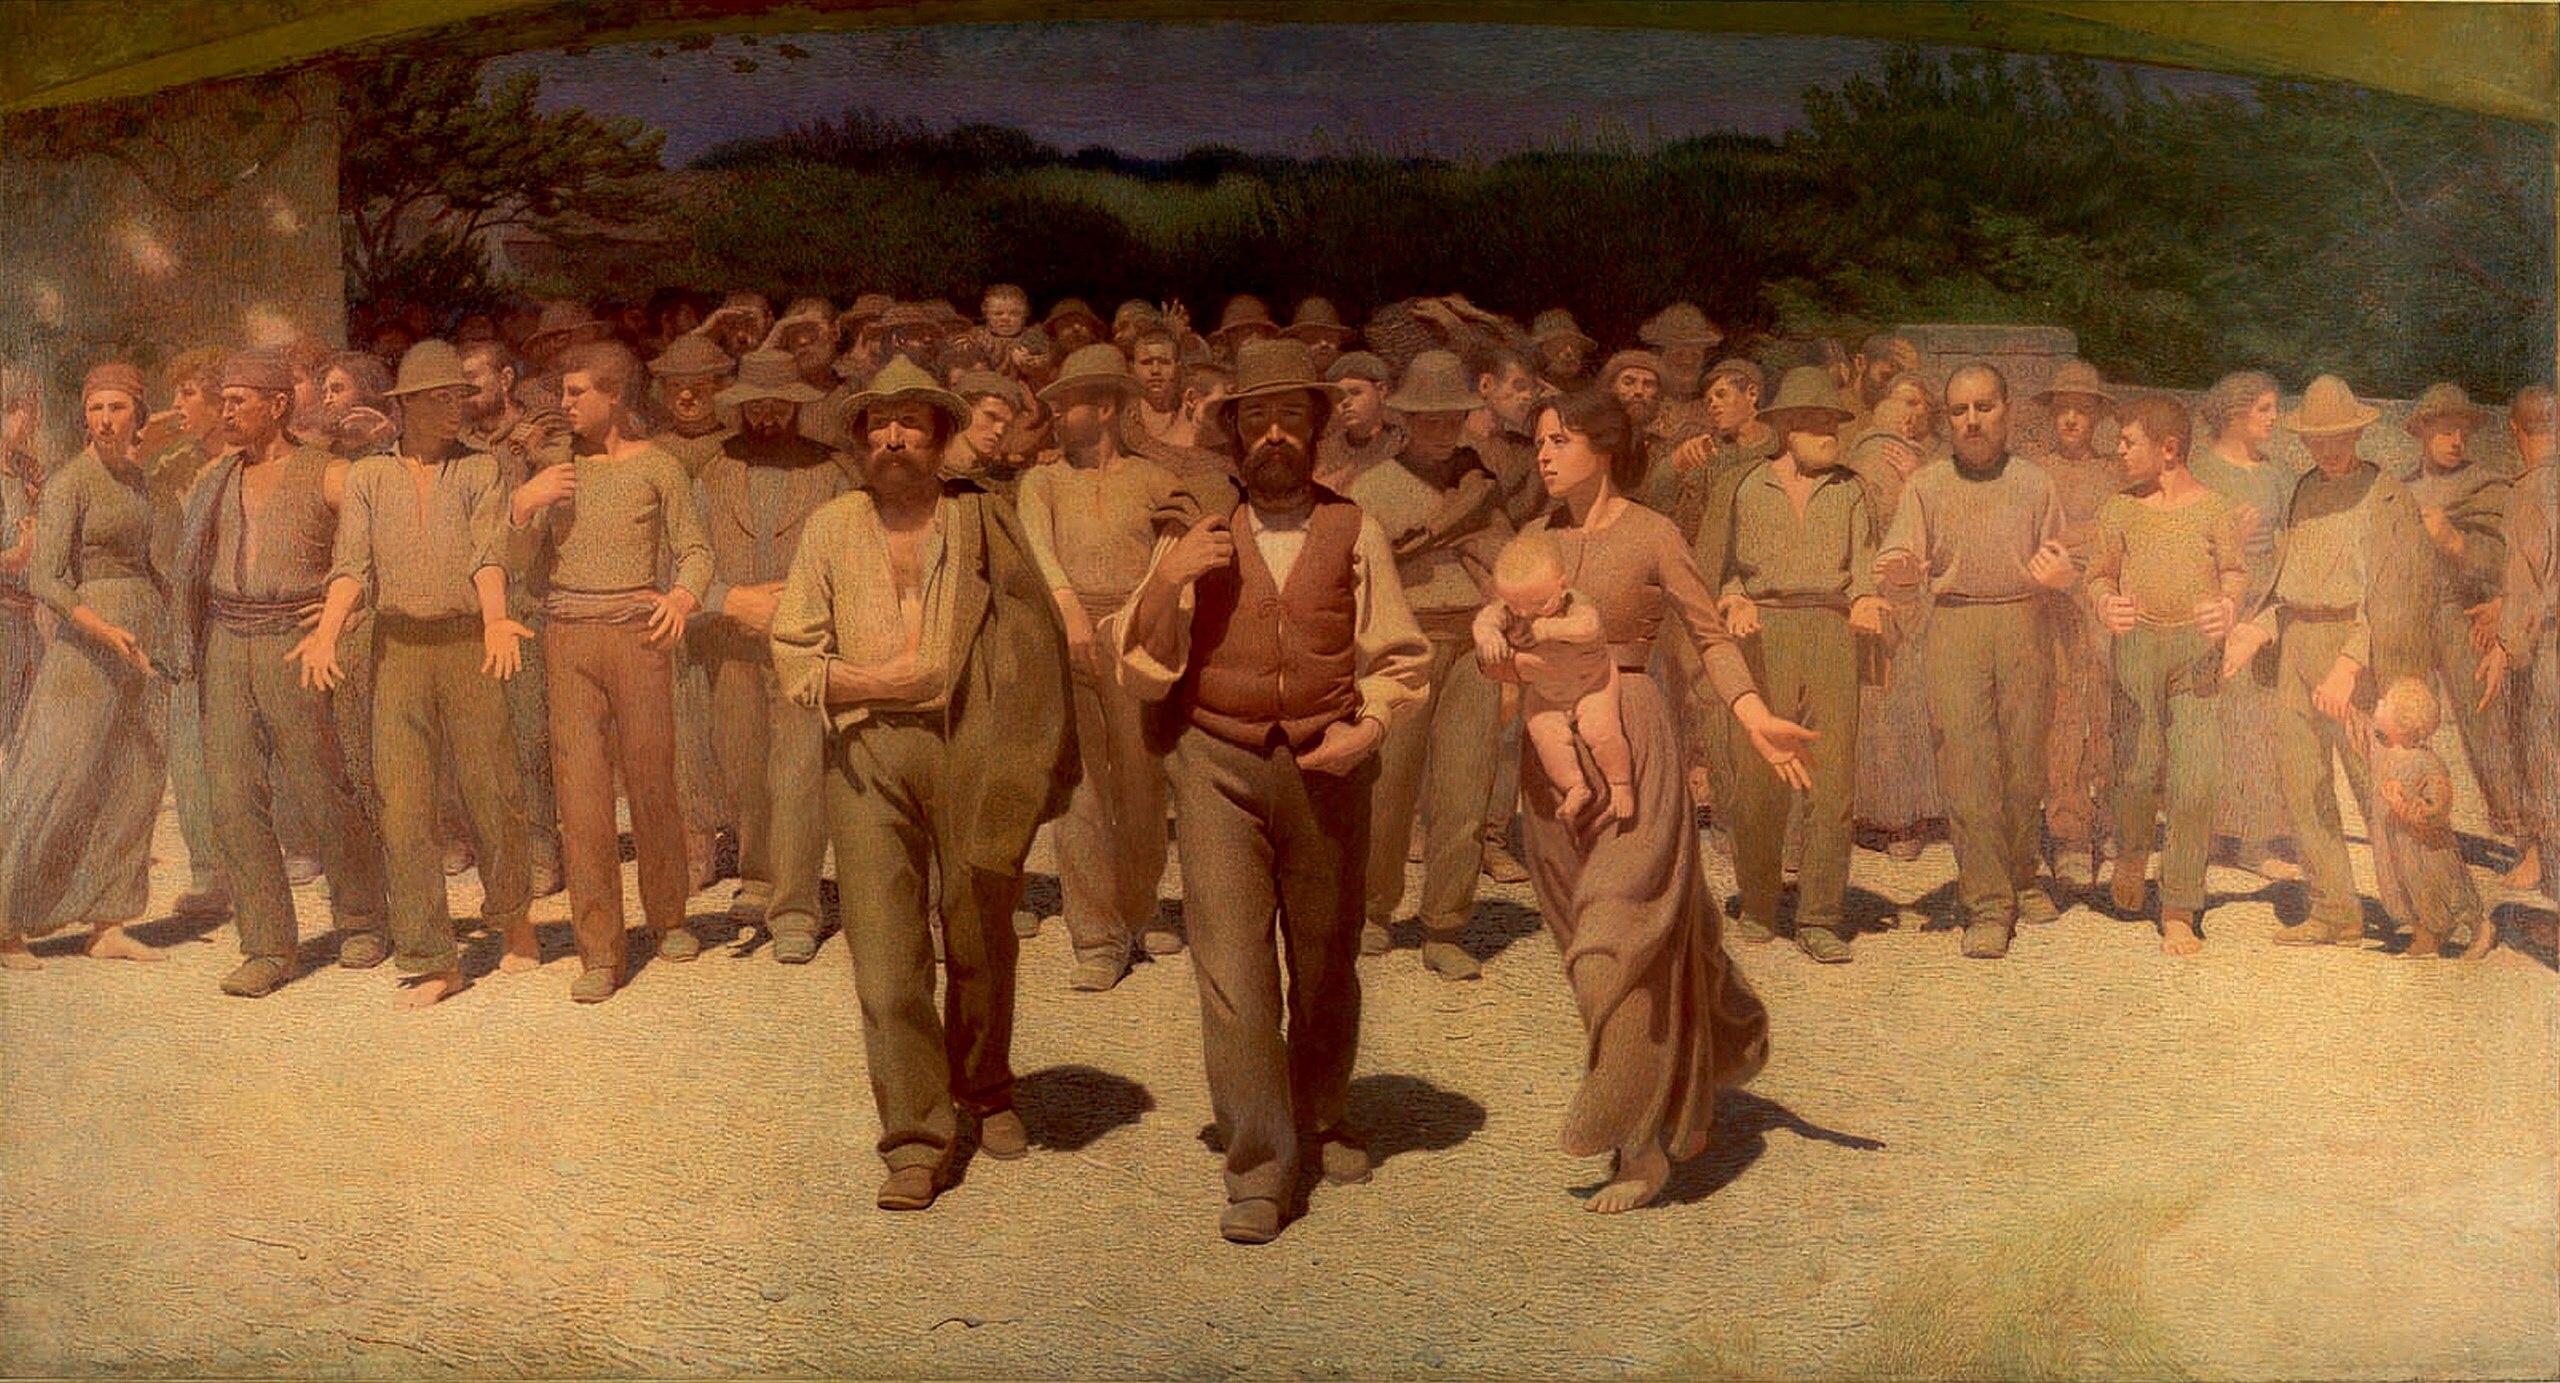 """Il dipinto """"Il Quarto Stato"""", realizzato nel 1901 dal pittore Giuseppe Pellizza Da Volpedo, rappresenta i lavoratori più umili, tormentati dallo sfruttamento e dai problemi della povertà"""